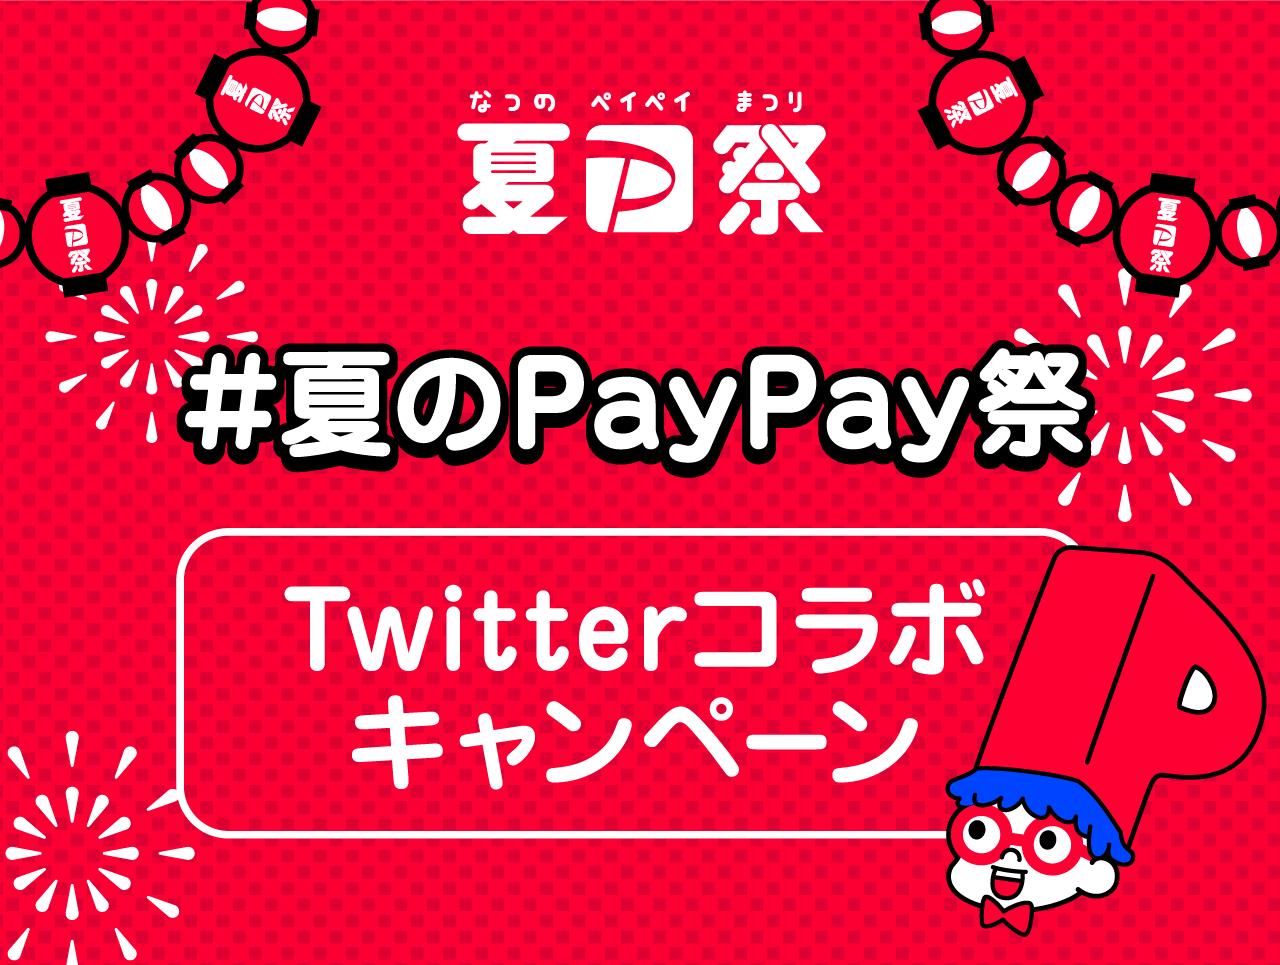 #夏のPayPay祭 Twitterコラボキャンペーン